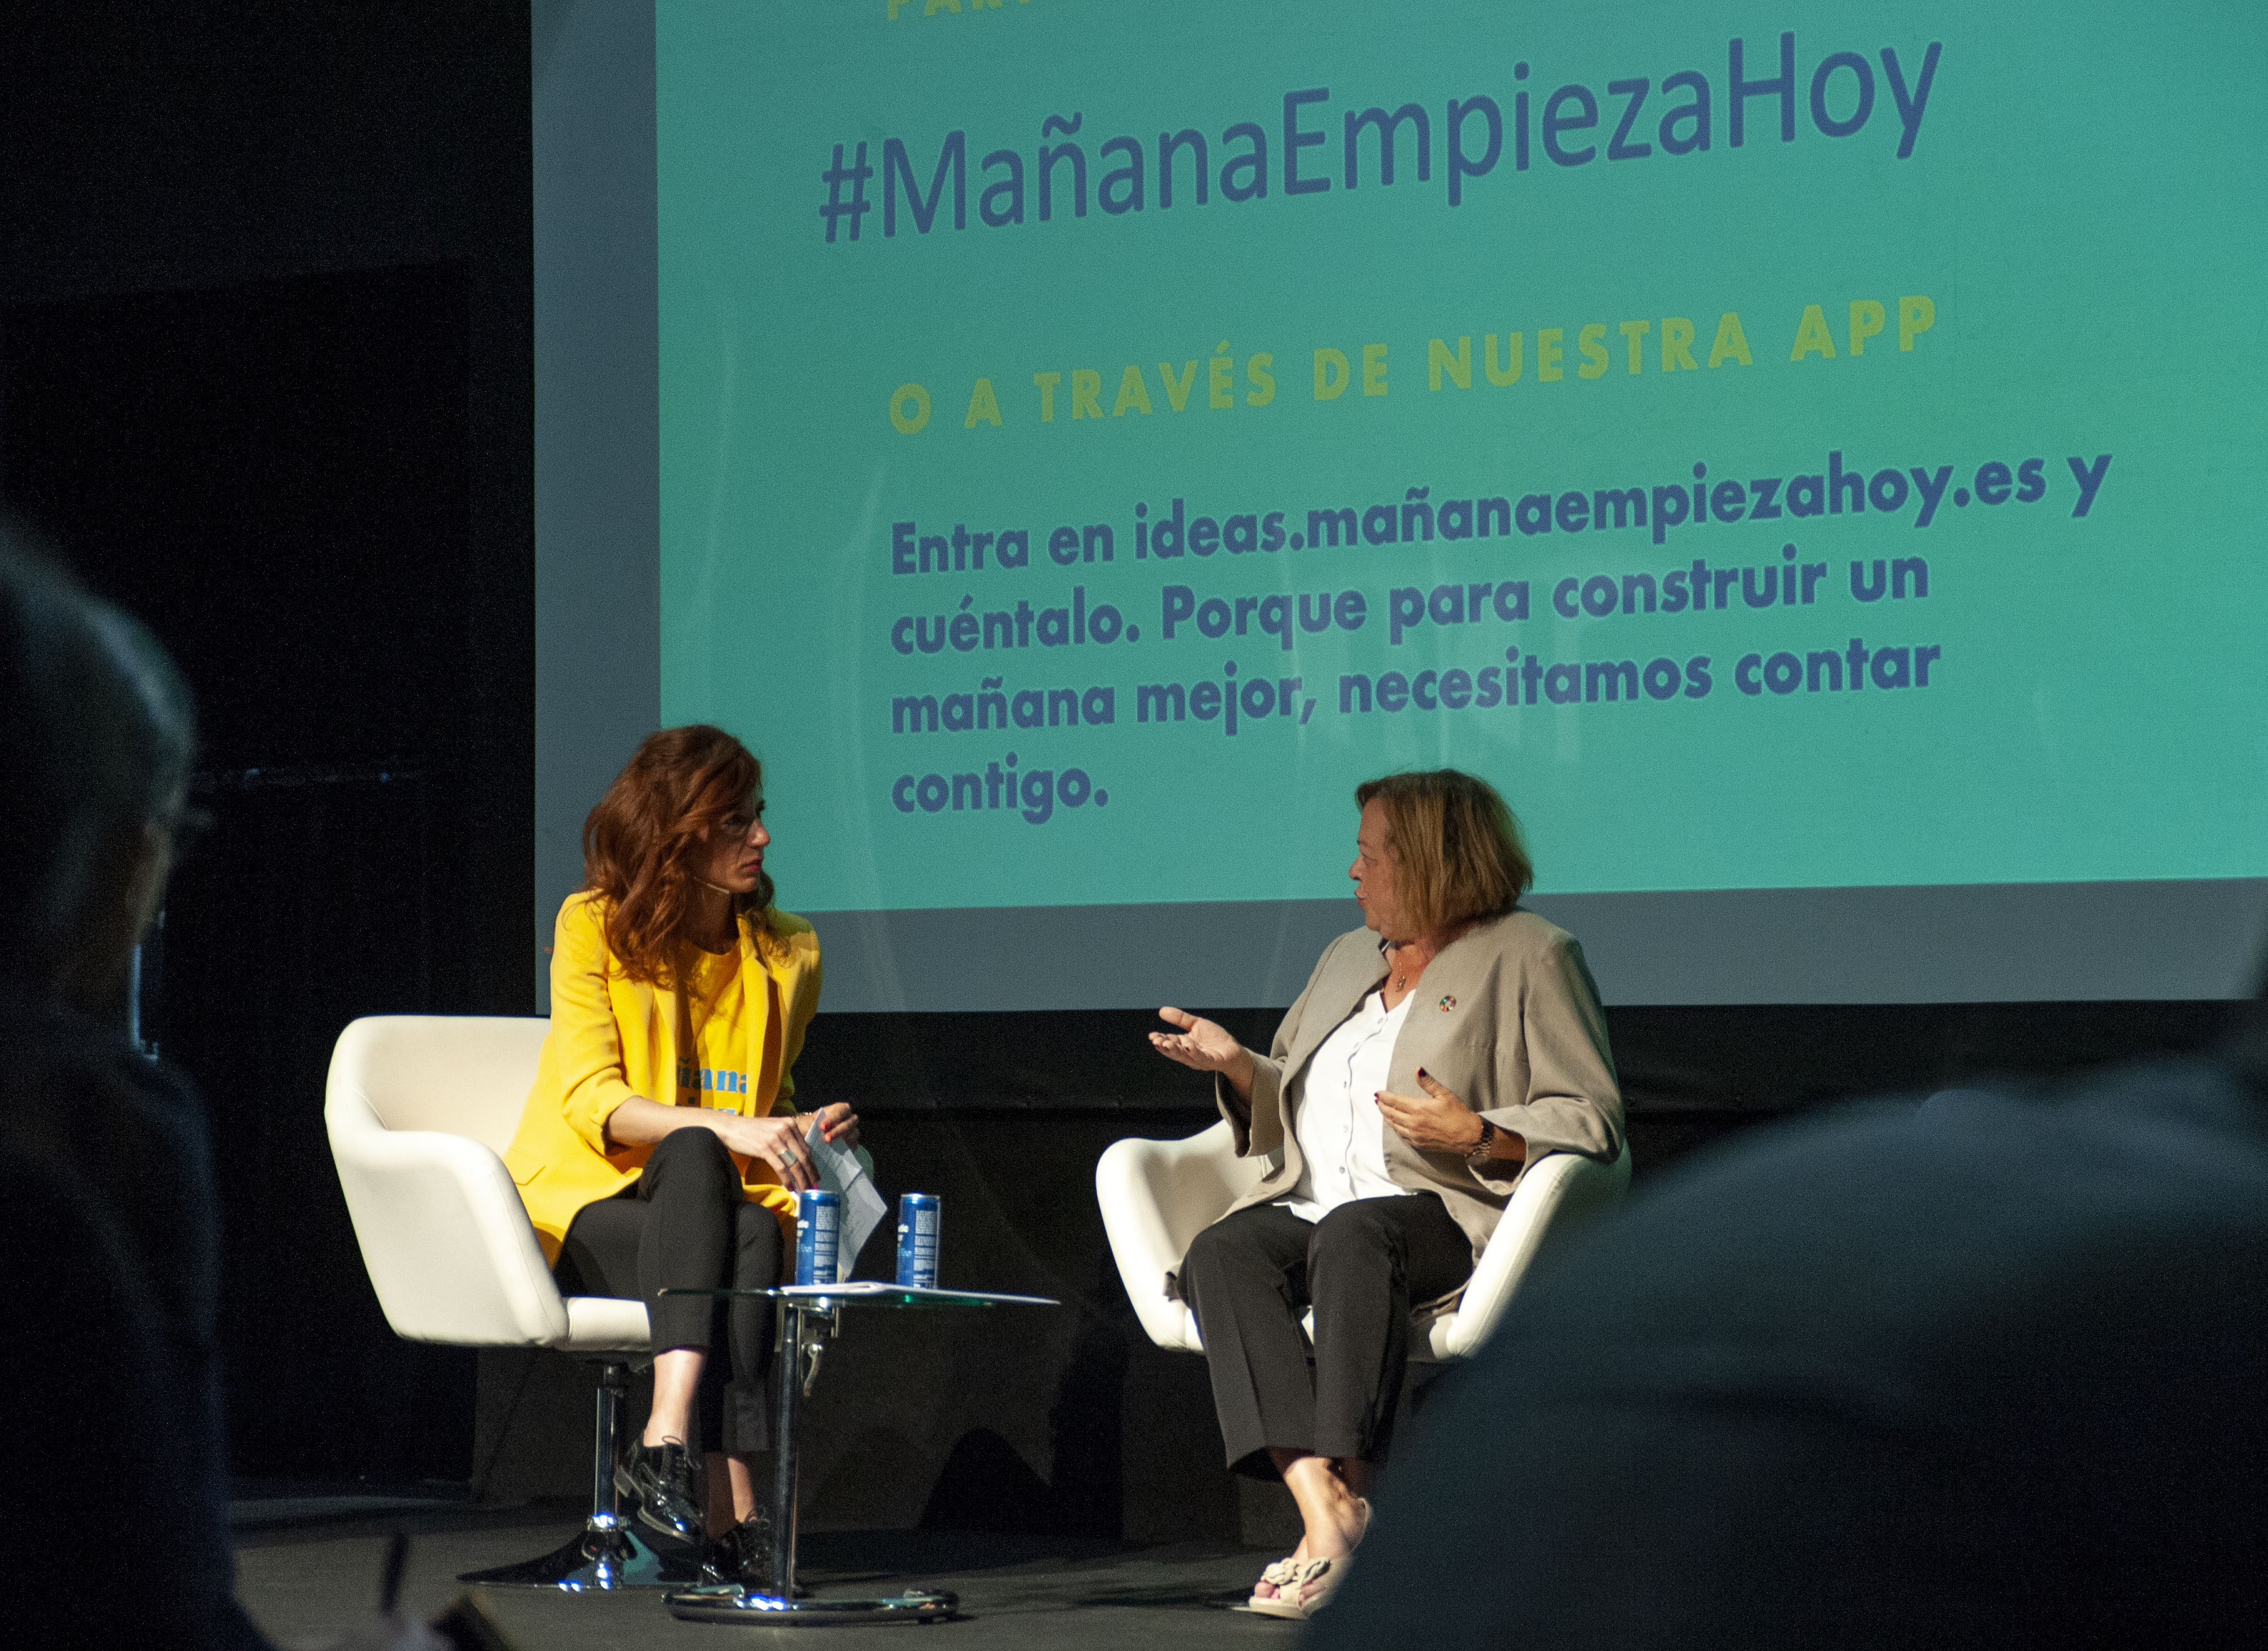 imagen de La presidenta del CSIC, Rosa Menéndez, durante el acto en IFEMA. / Yaiza González / CSIC Comunicación